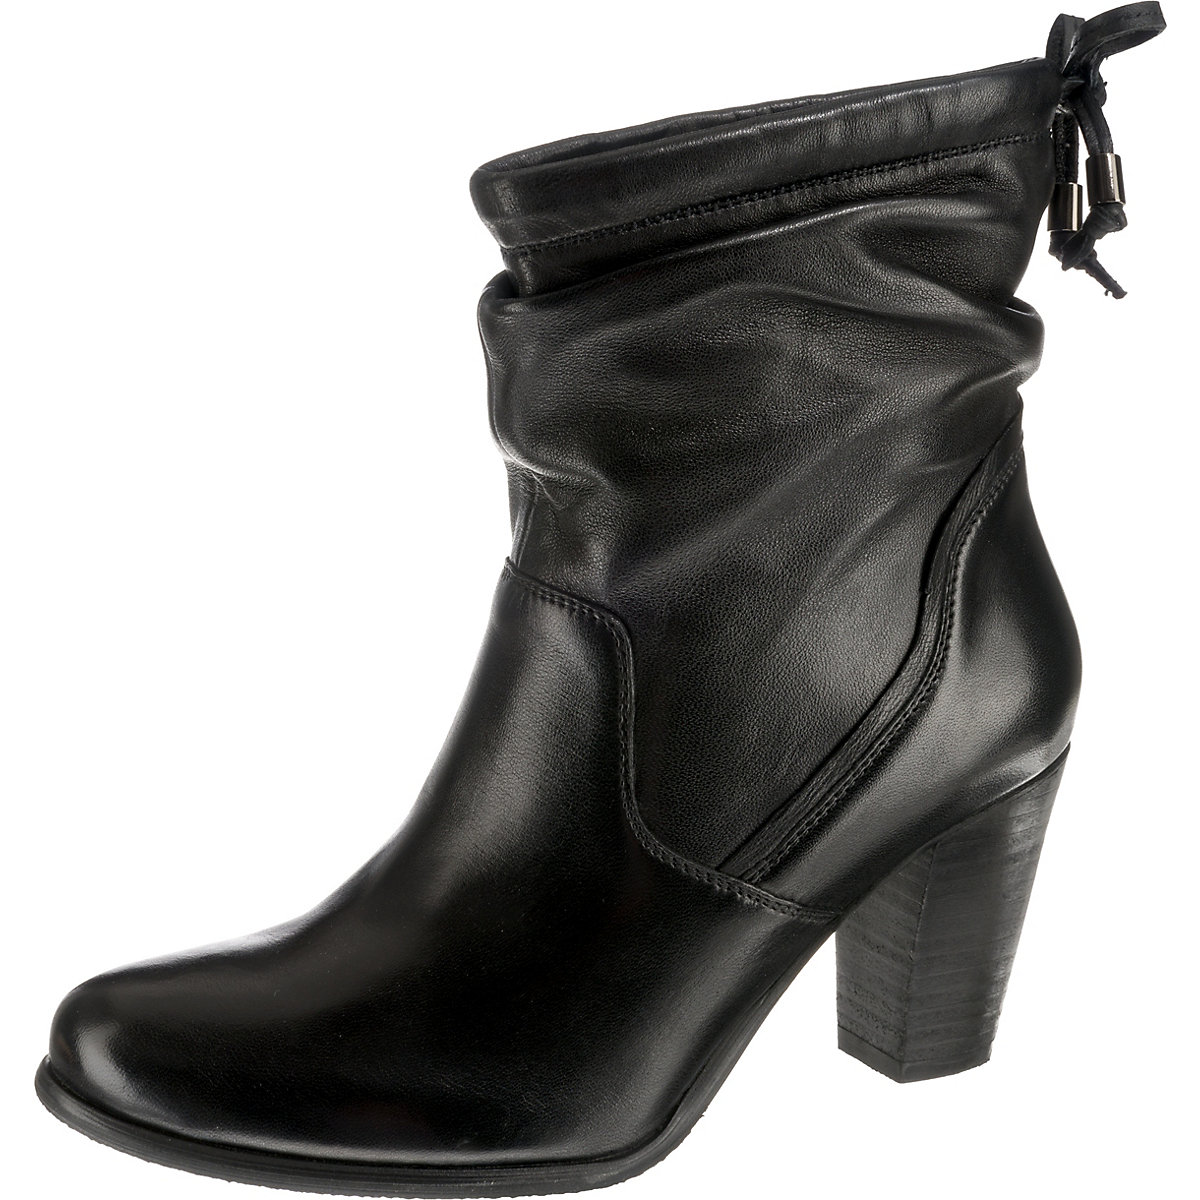 SPM, Klassische Stiefeletten, schwarz  Gute Qualität beliebte Schuhe